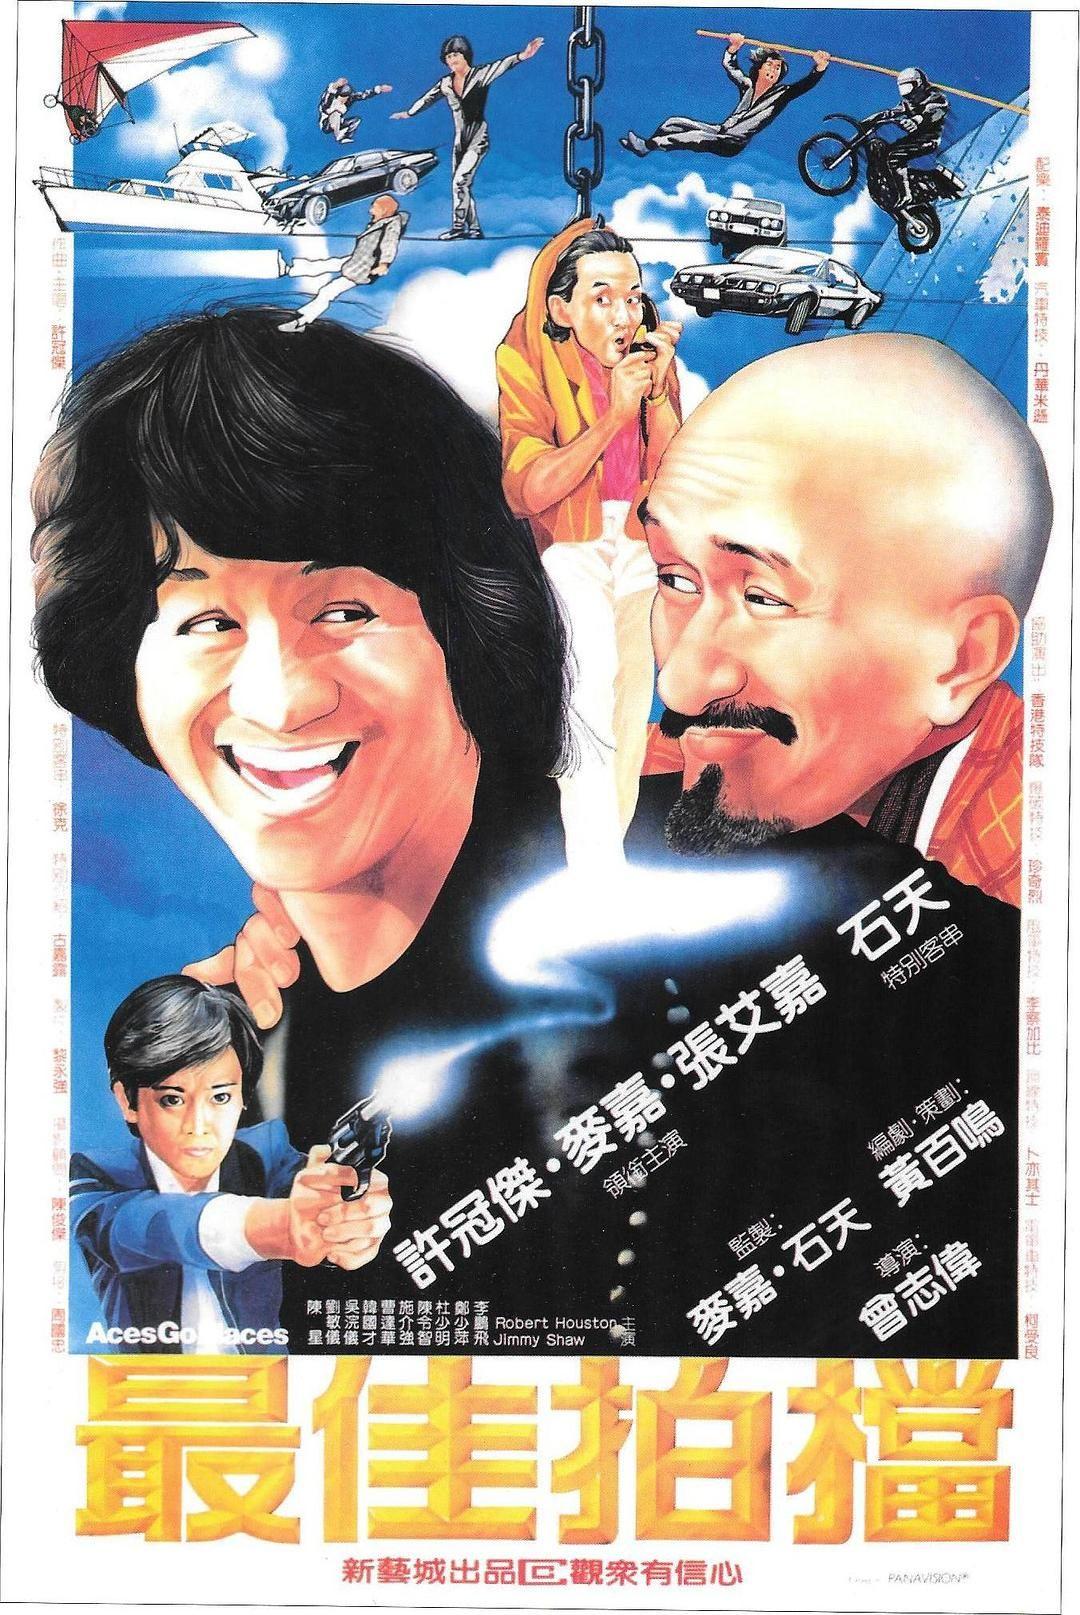 1982动作喜剧《最佳拍档1:光头神探》BD1080P.国粤双语.高清中字